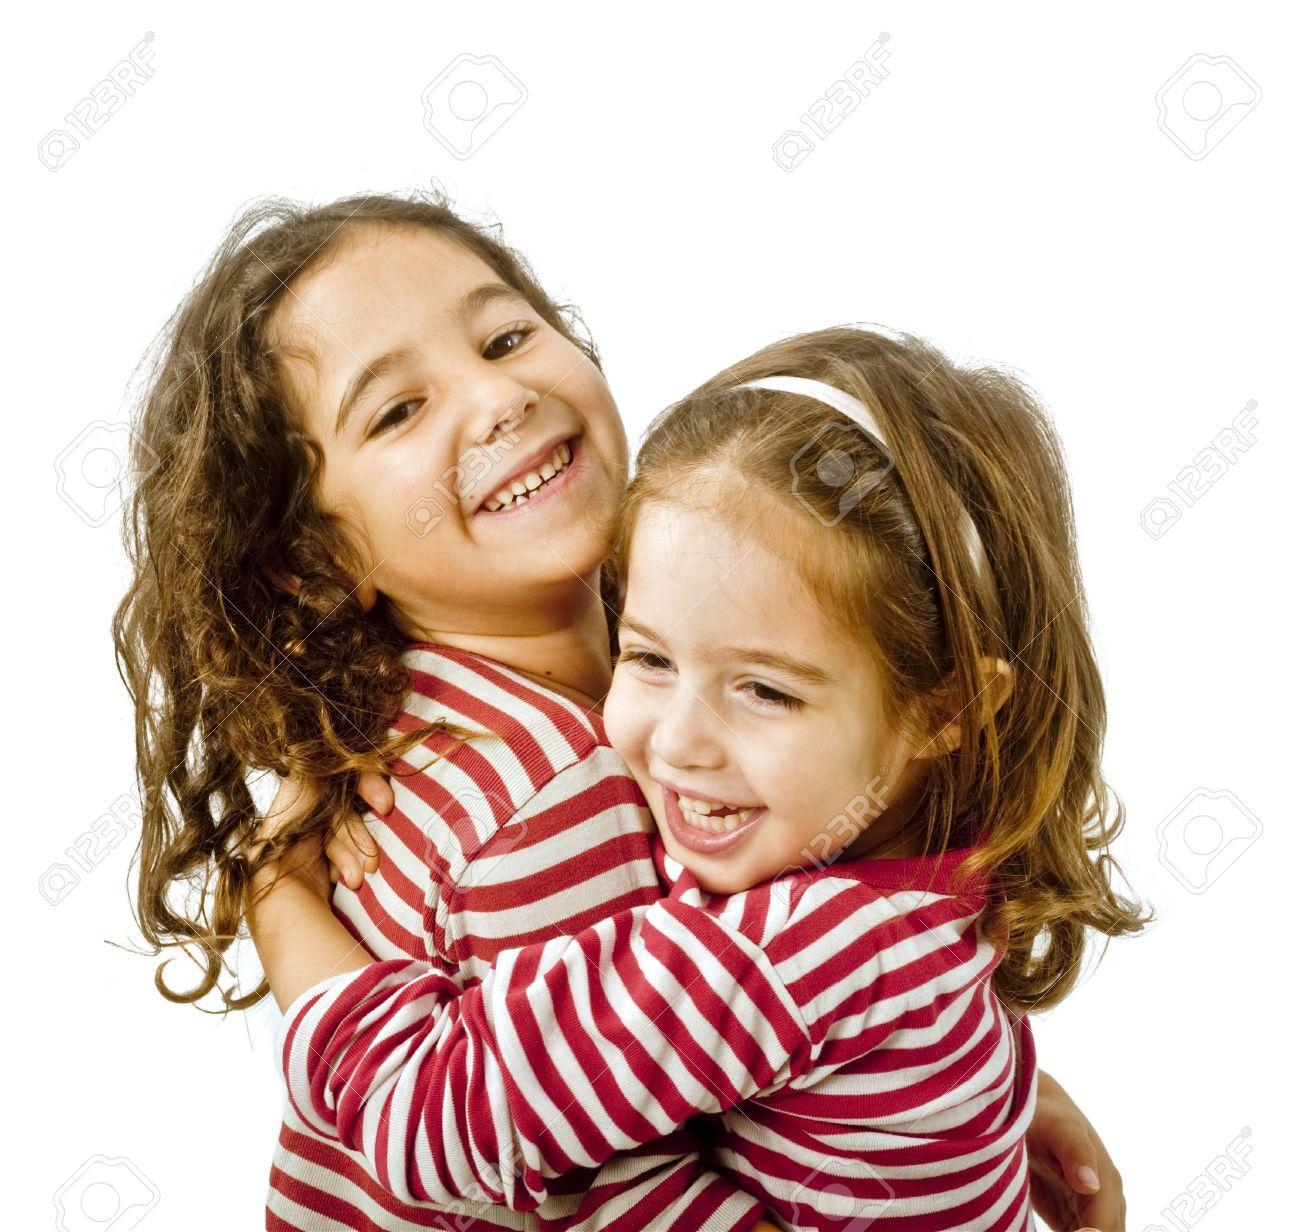 Смотреть как брат с сестрой первый раз занимаются сексом 21 фотография